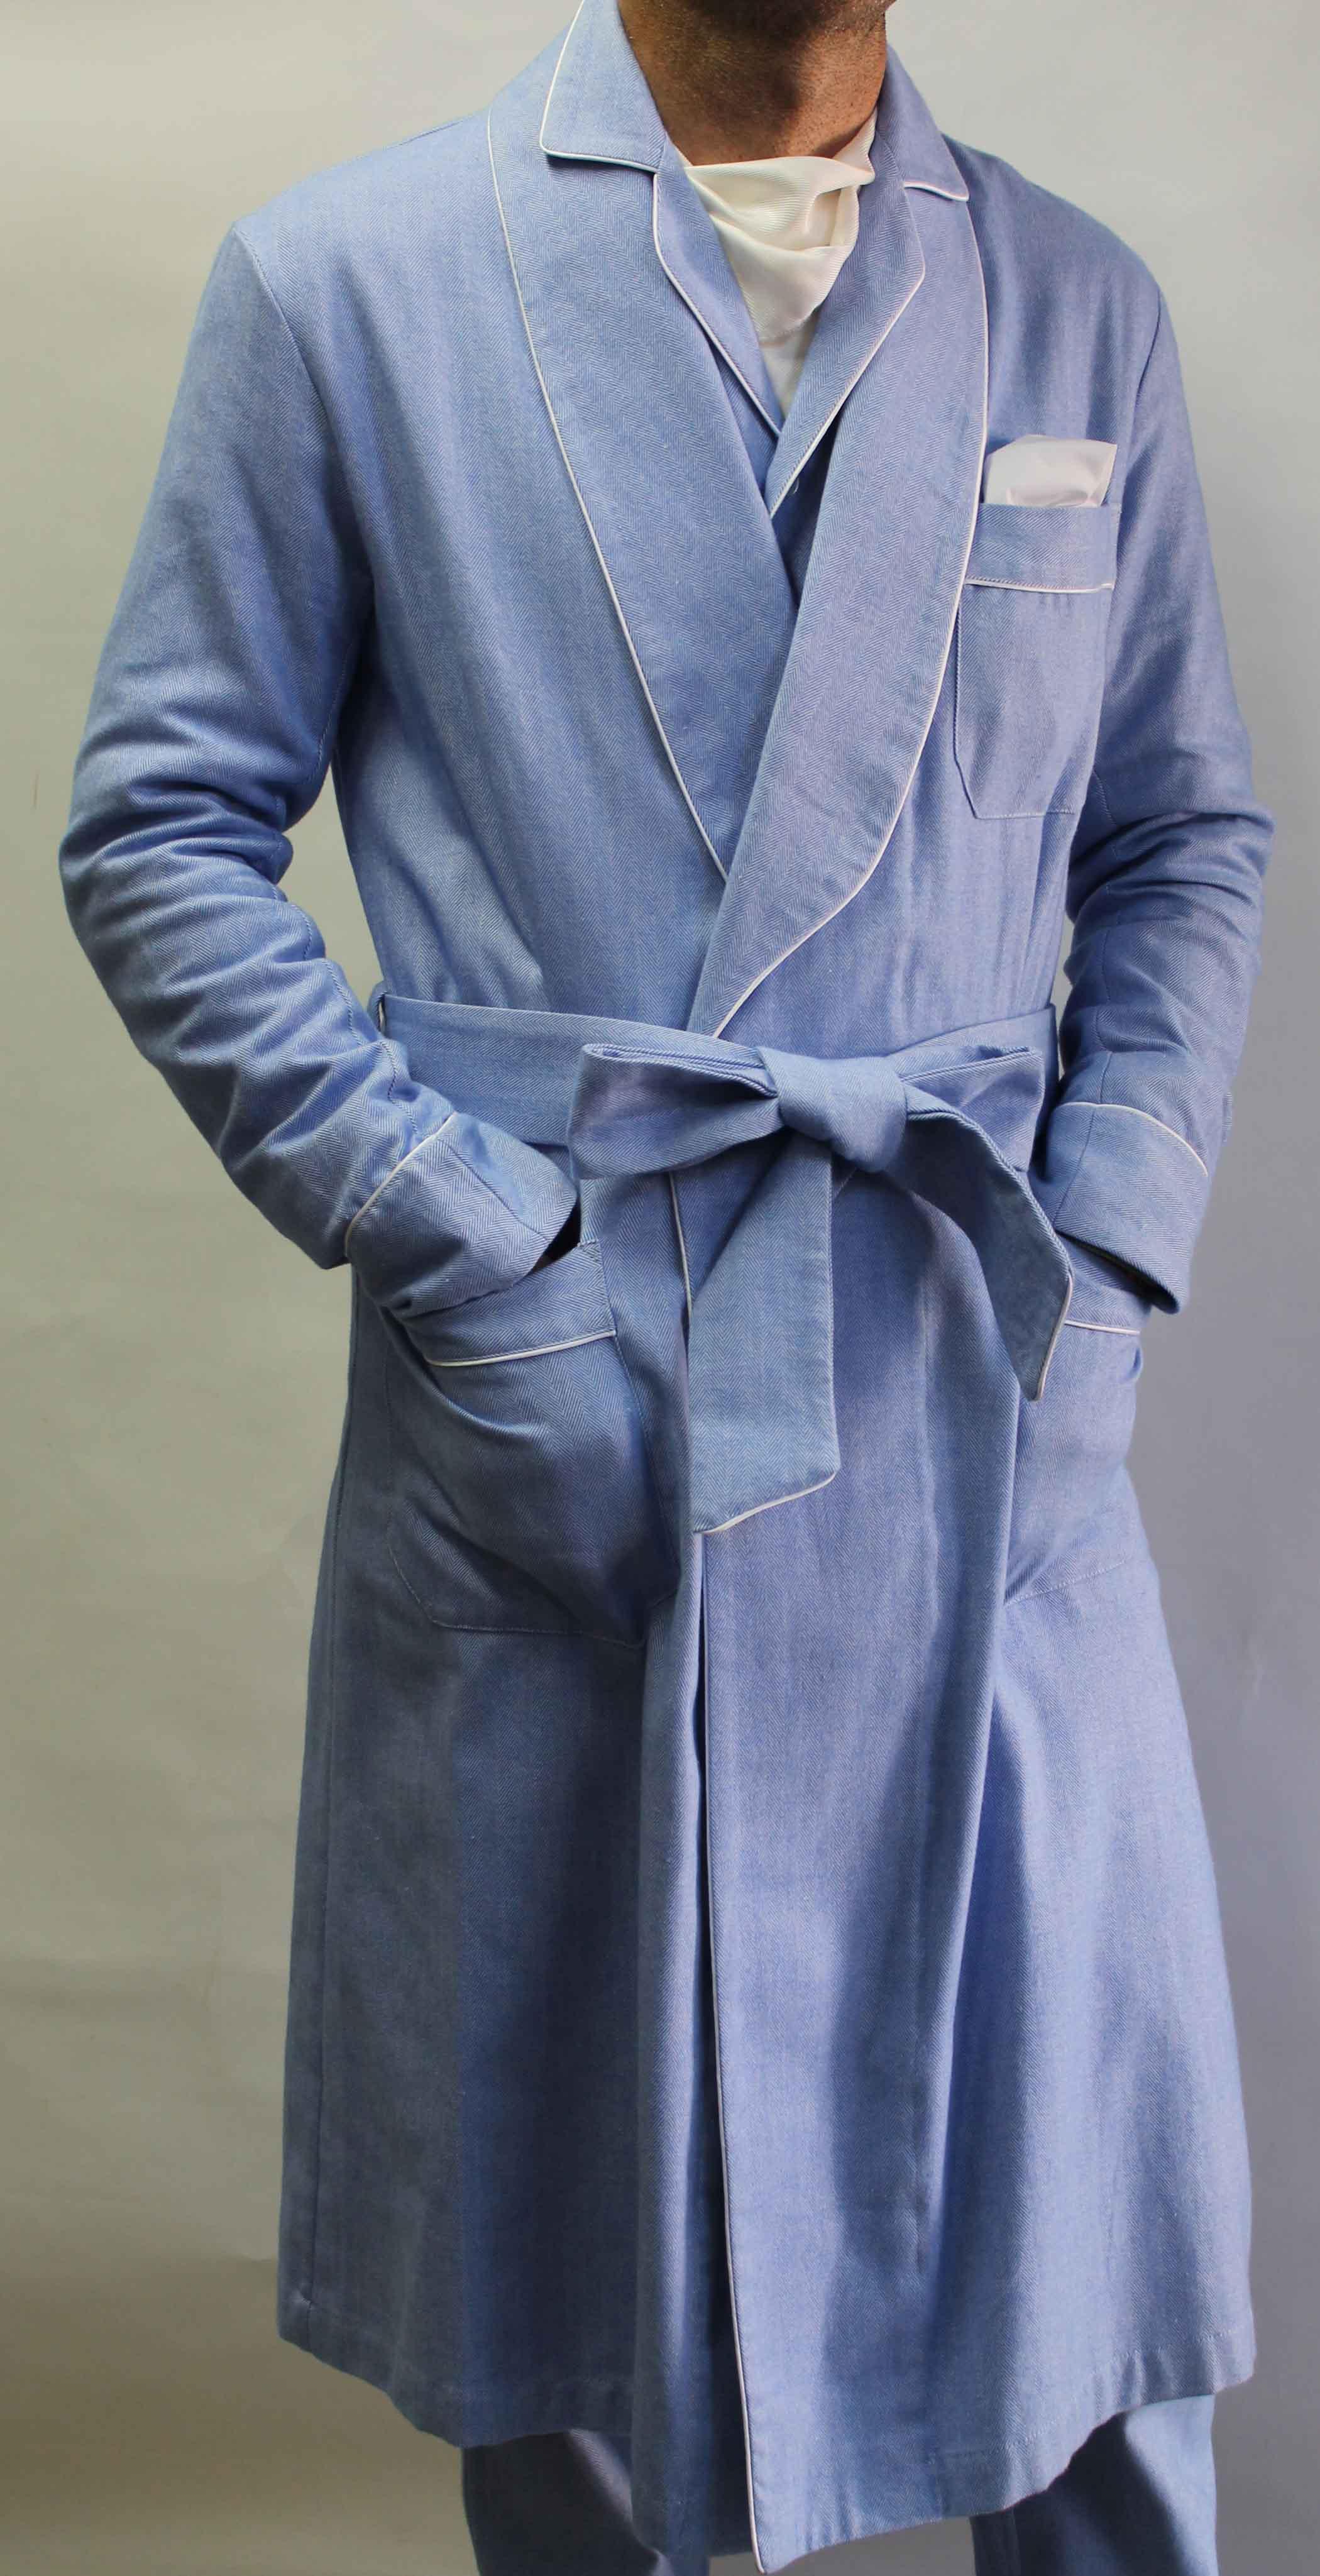 robe de chambre classique pour homme en 100 coton gratte 39 avec passepoil. Black Bedroom Furniture Sets. Home Design Ideas